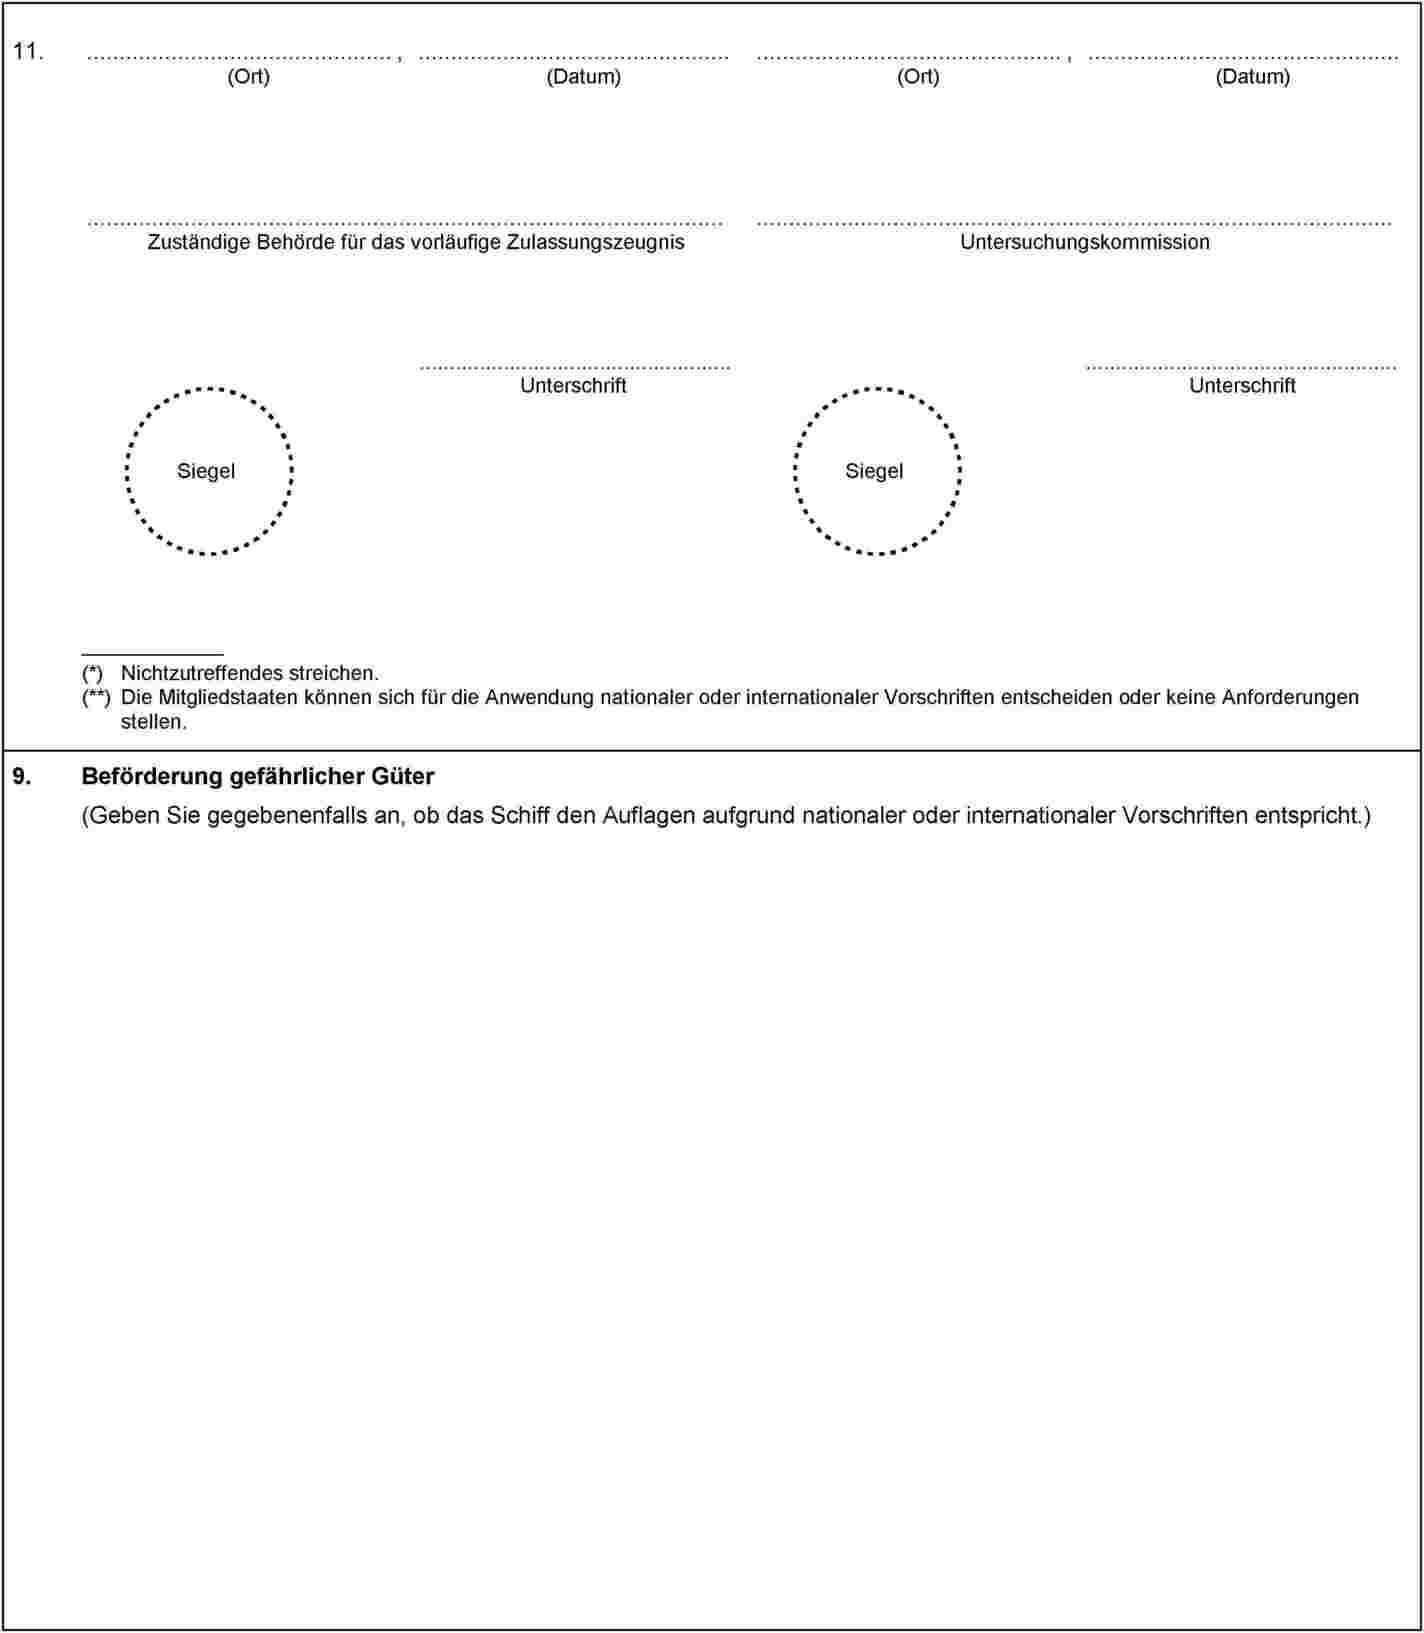 Großartig Gehörschutz Programm Vorlage Fotos - Entry Level Resume ...